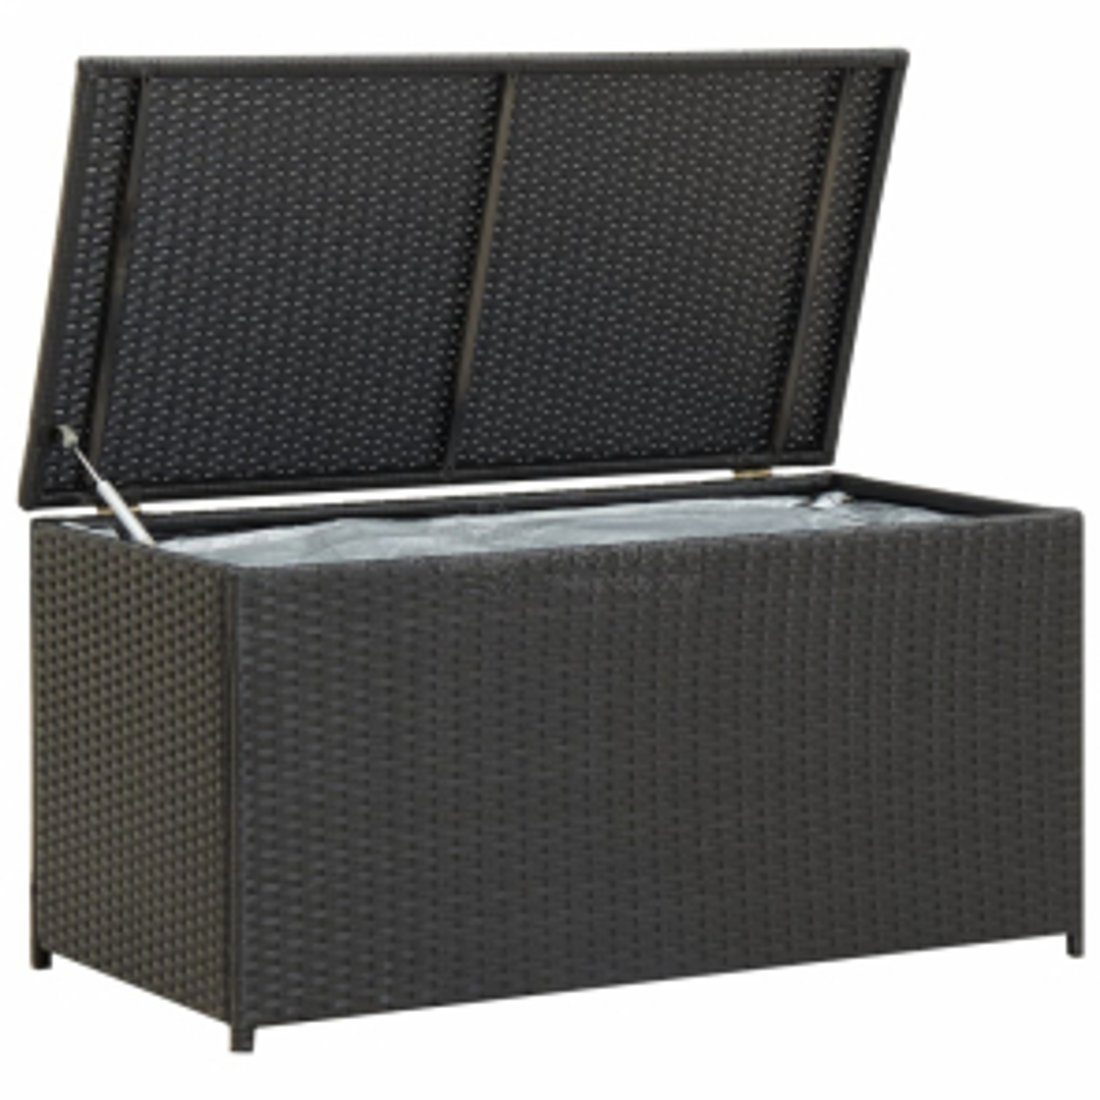 vidaXL Zahradní úložný box polyratan 100 x 50 x 50 cm černý [46471]